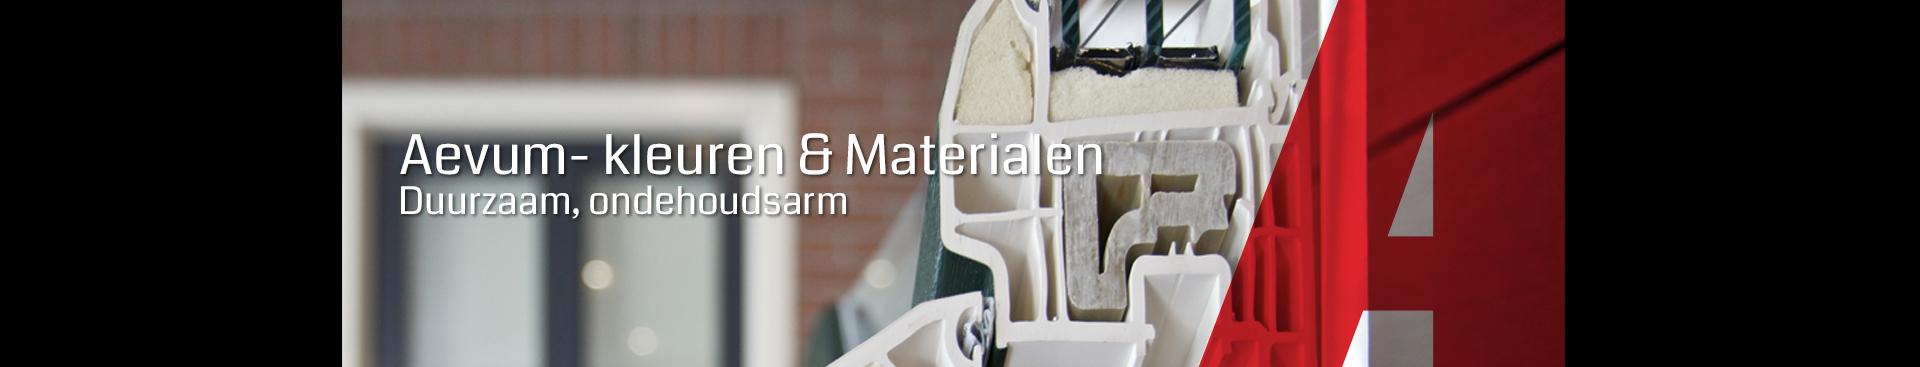 aevum-kleuren&materialen